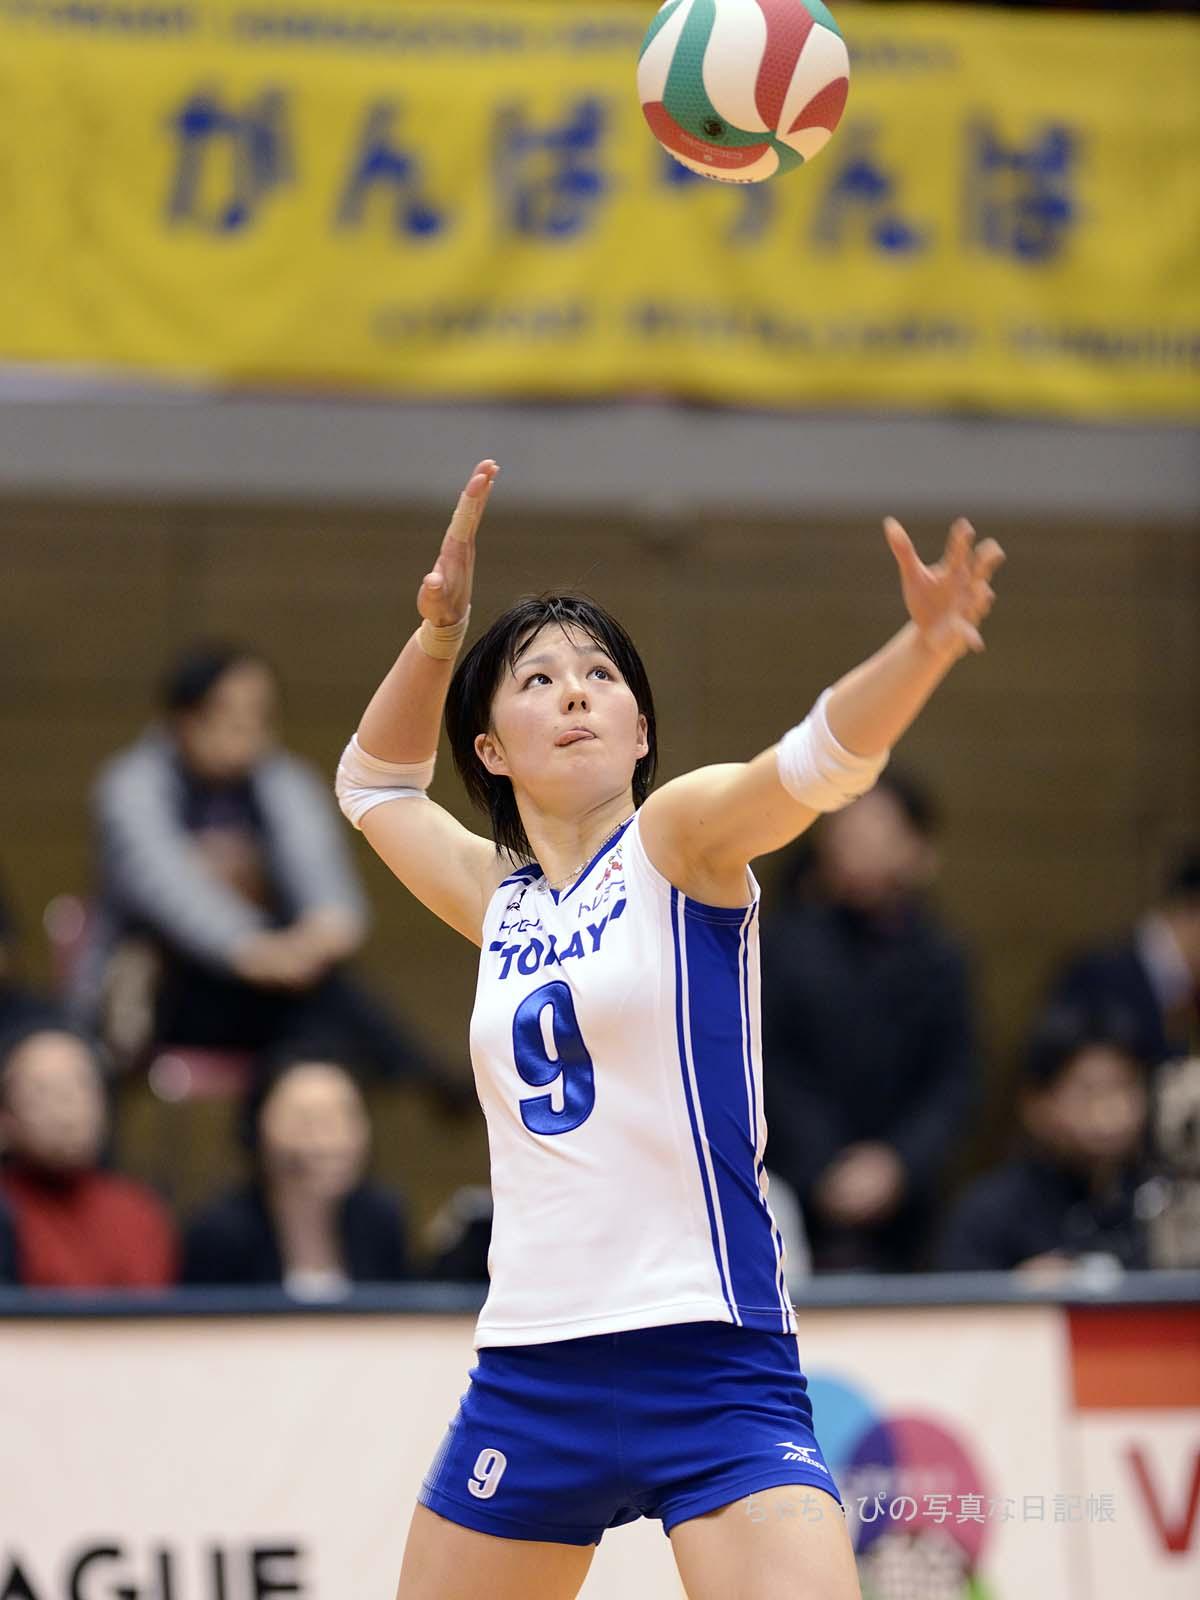 小平花織選手